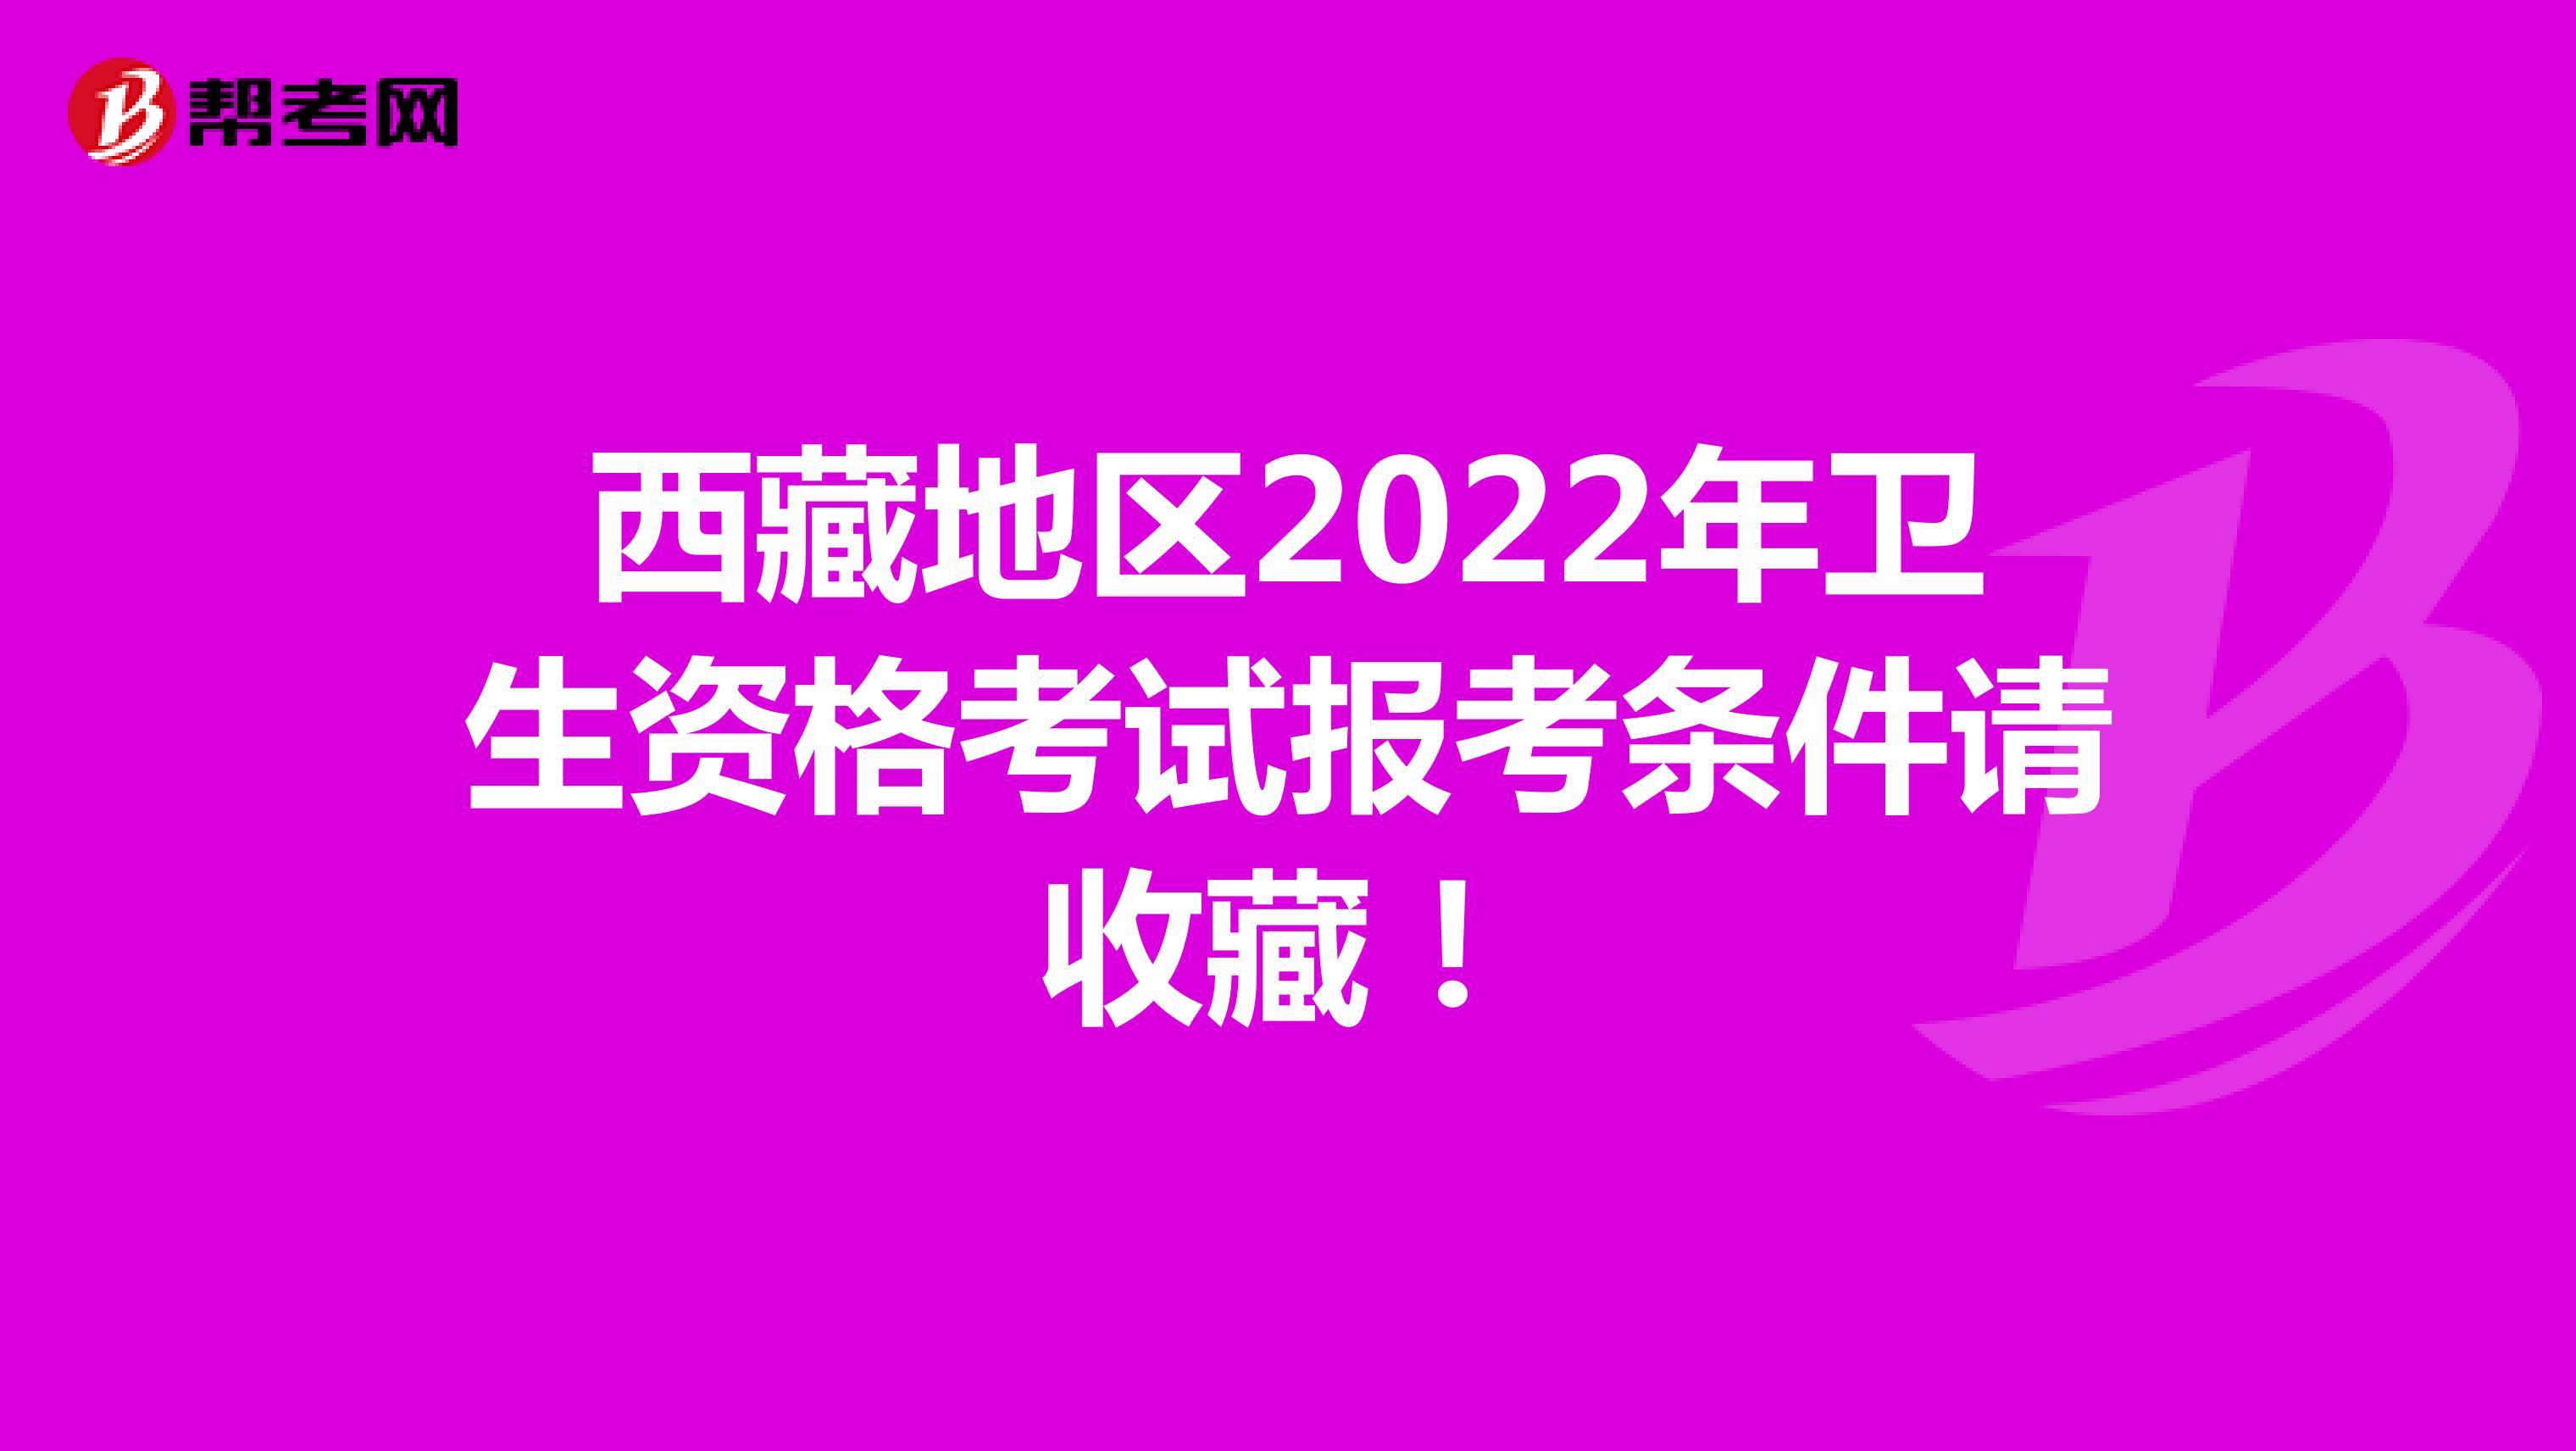 西藏地区2022年卫生资格考试报考条件请收藏!